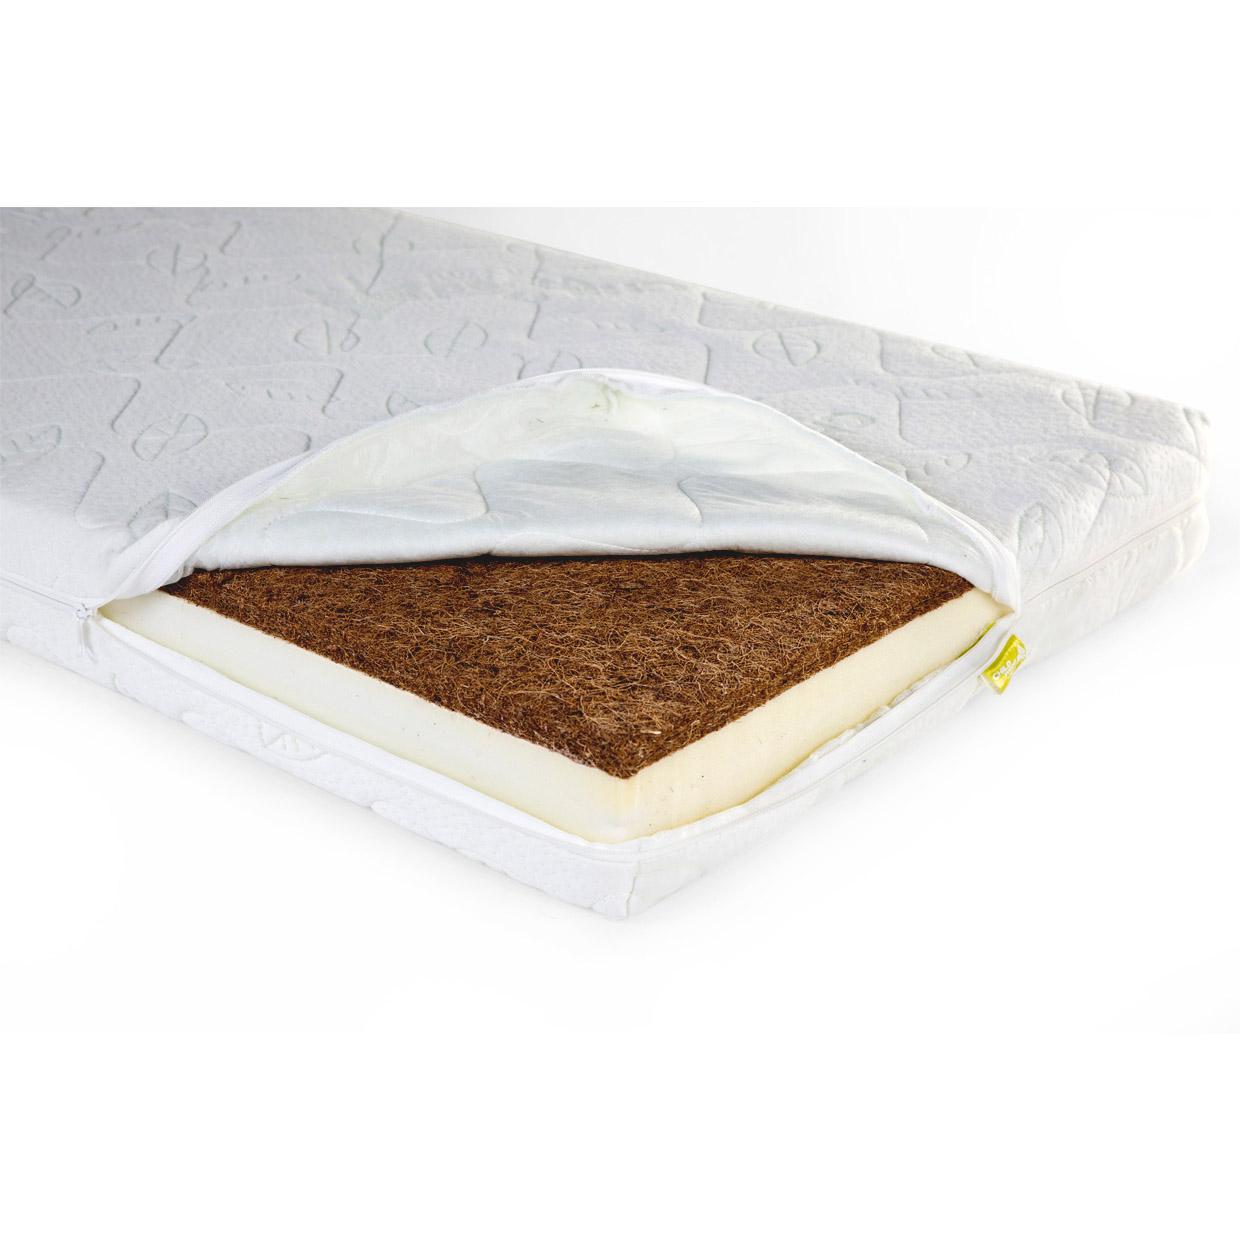 Saltea din fibra de cocos DUO KOKOS NATURAL SAFE SLEEPER 70x140cm imagine